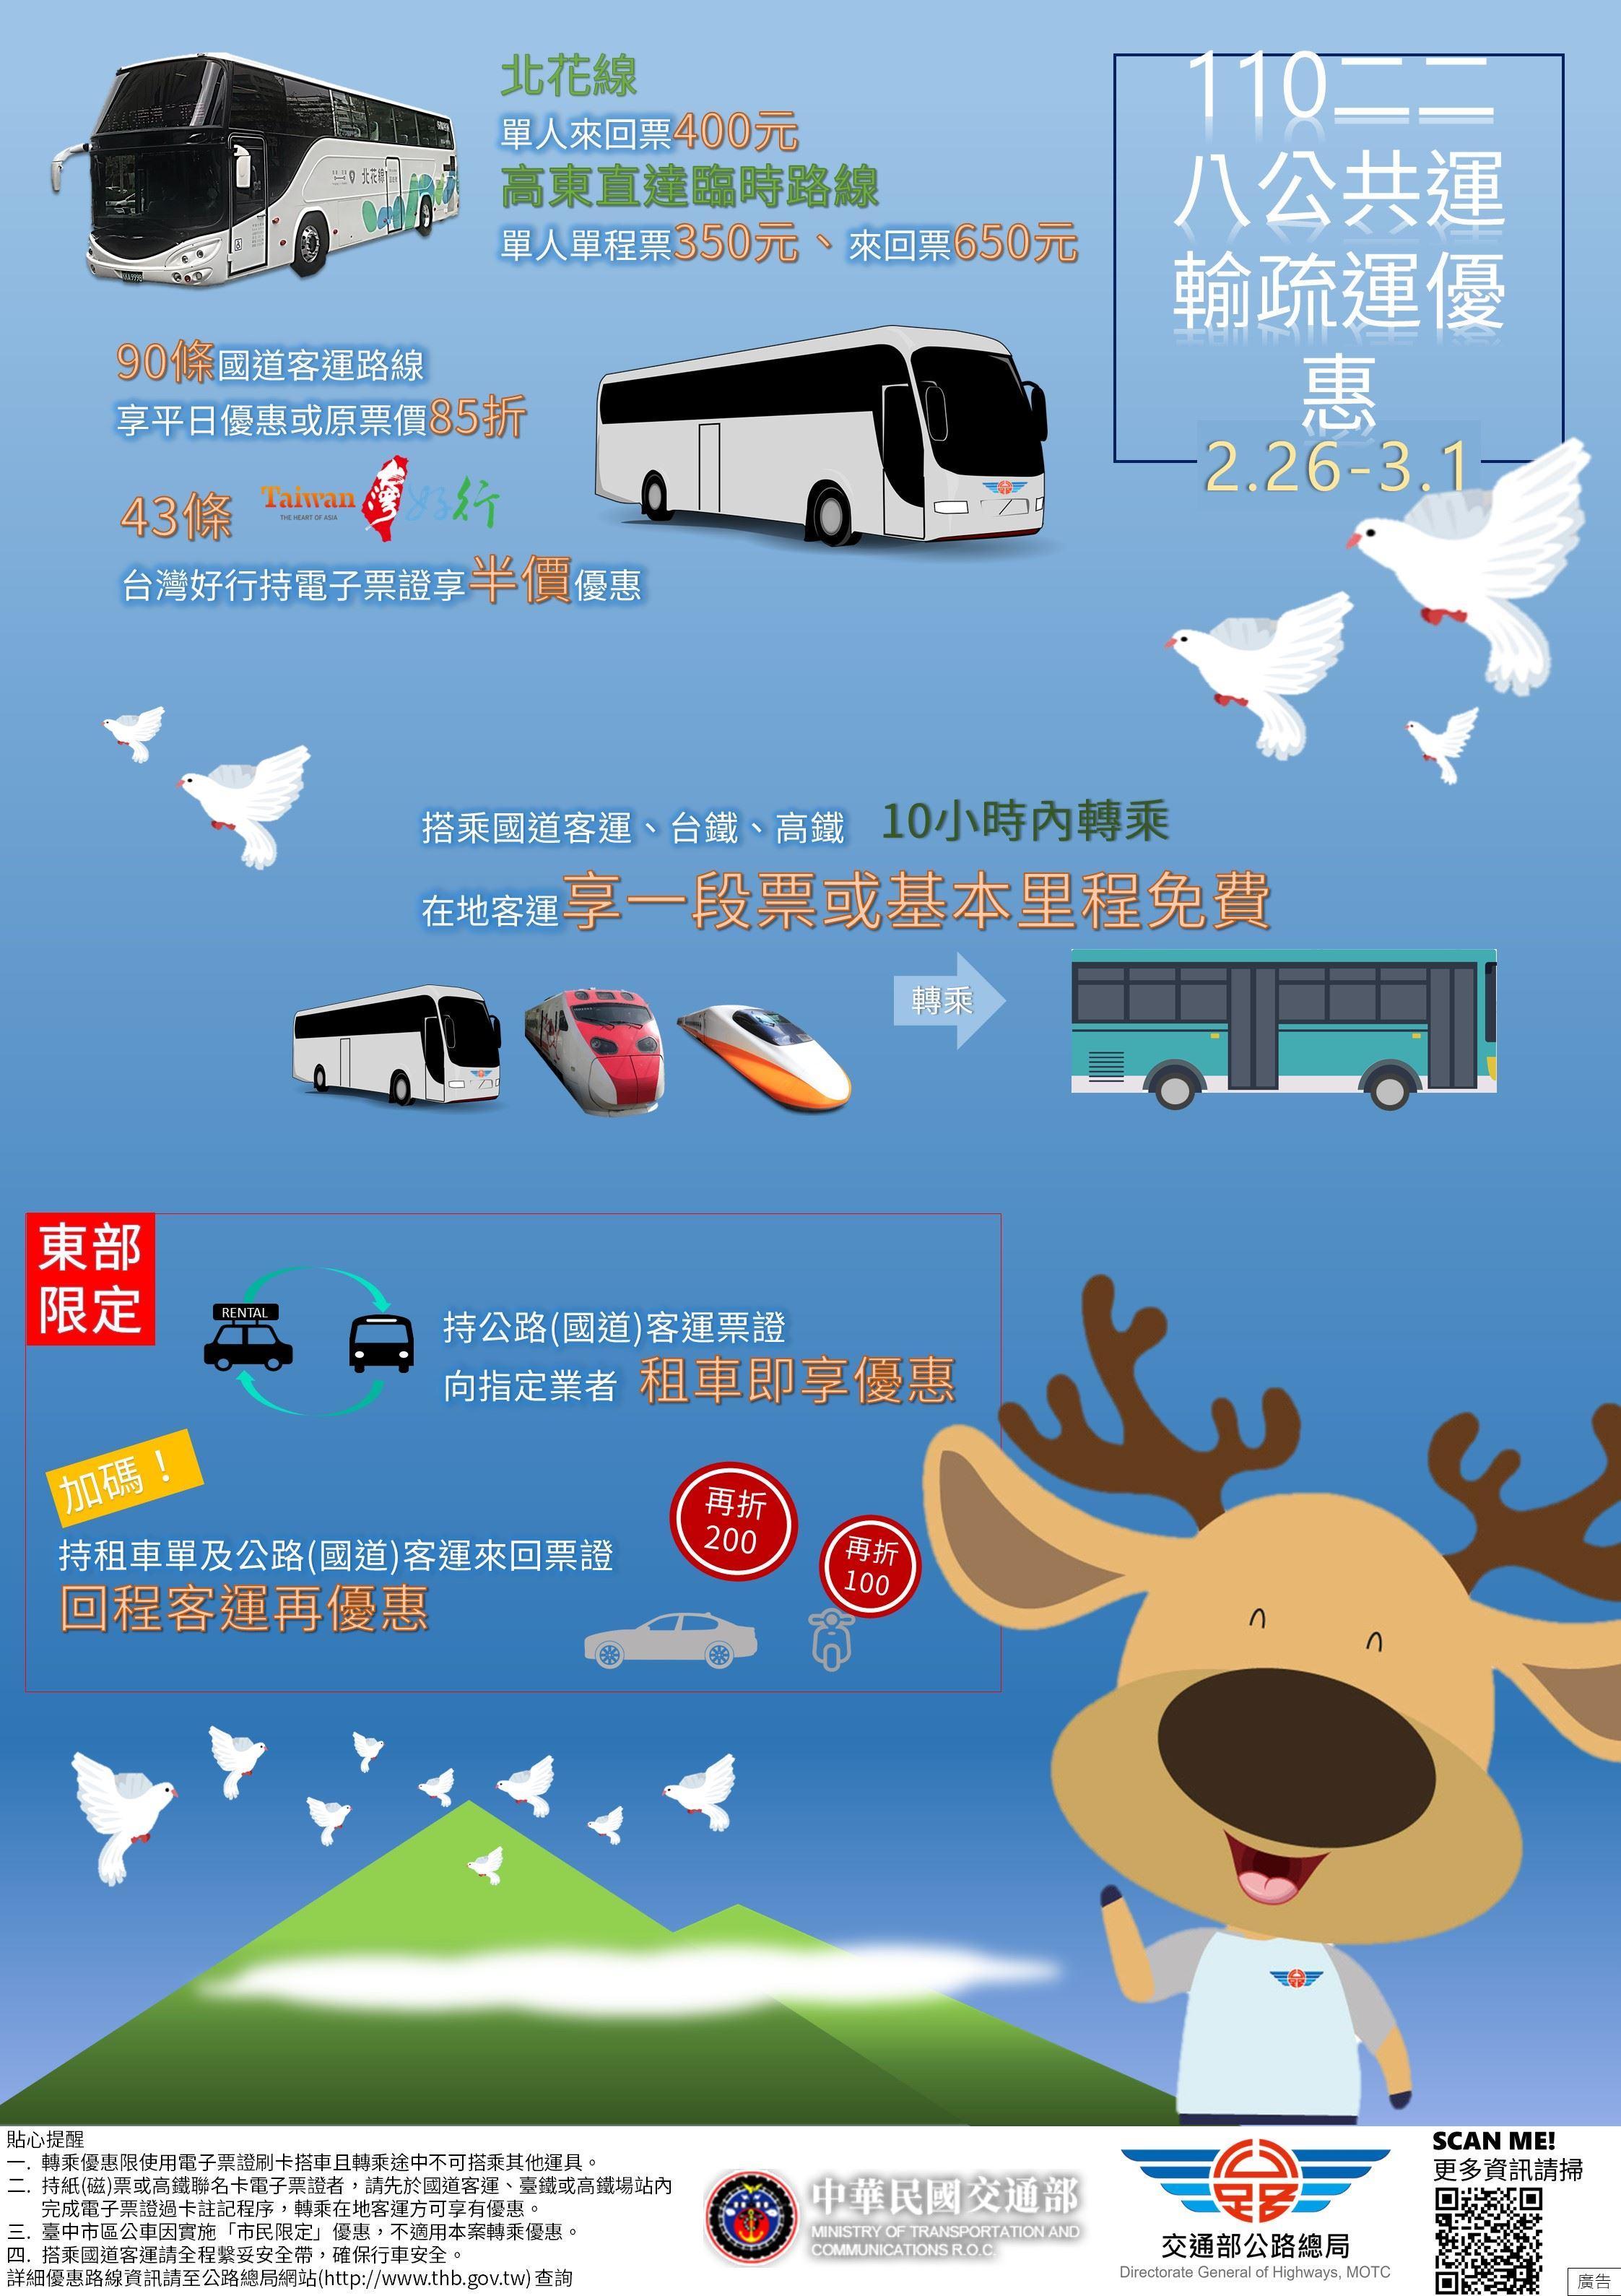 交通部公路總局110年228連續假期轉乘優惠措施,請民眾多加利用!